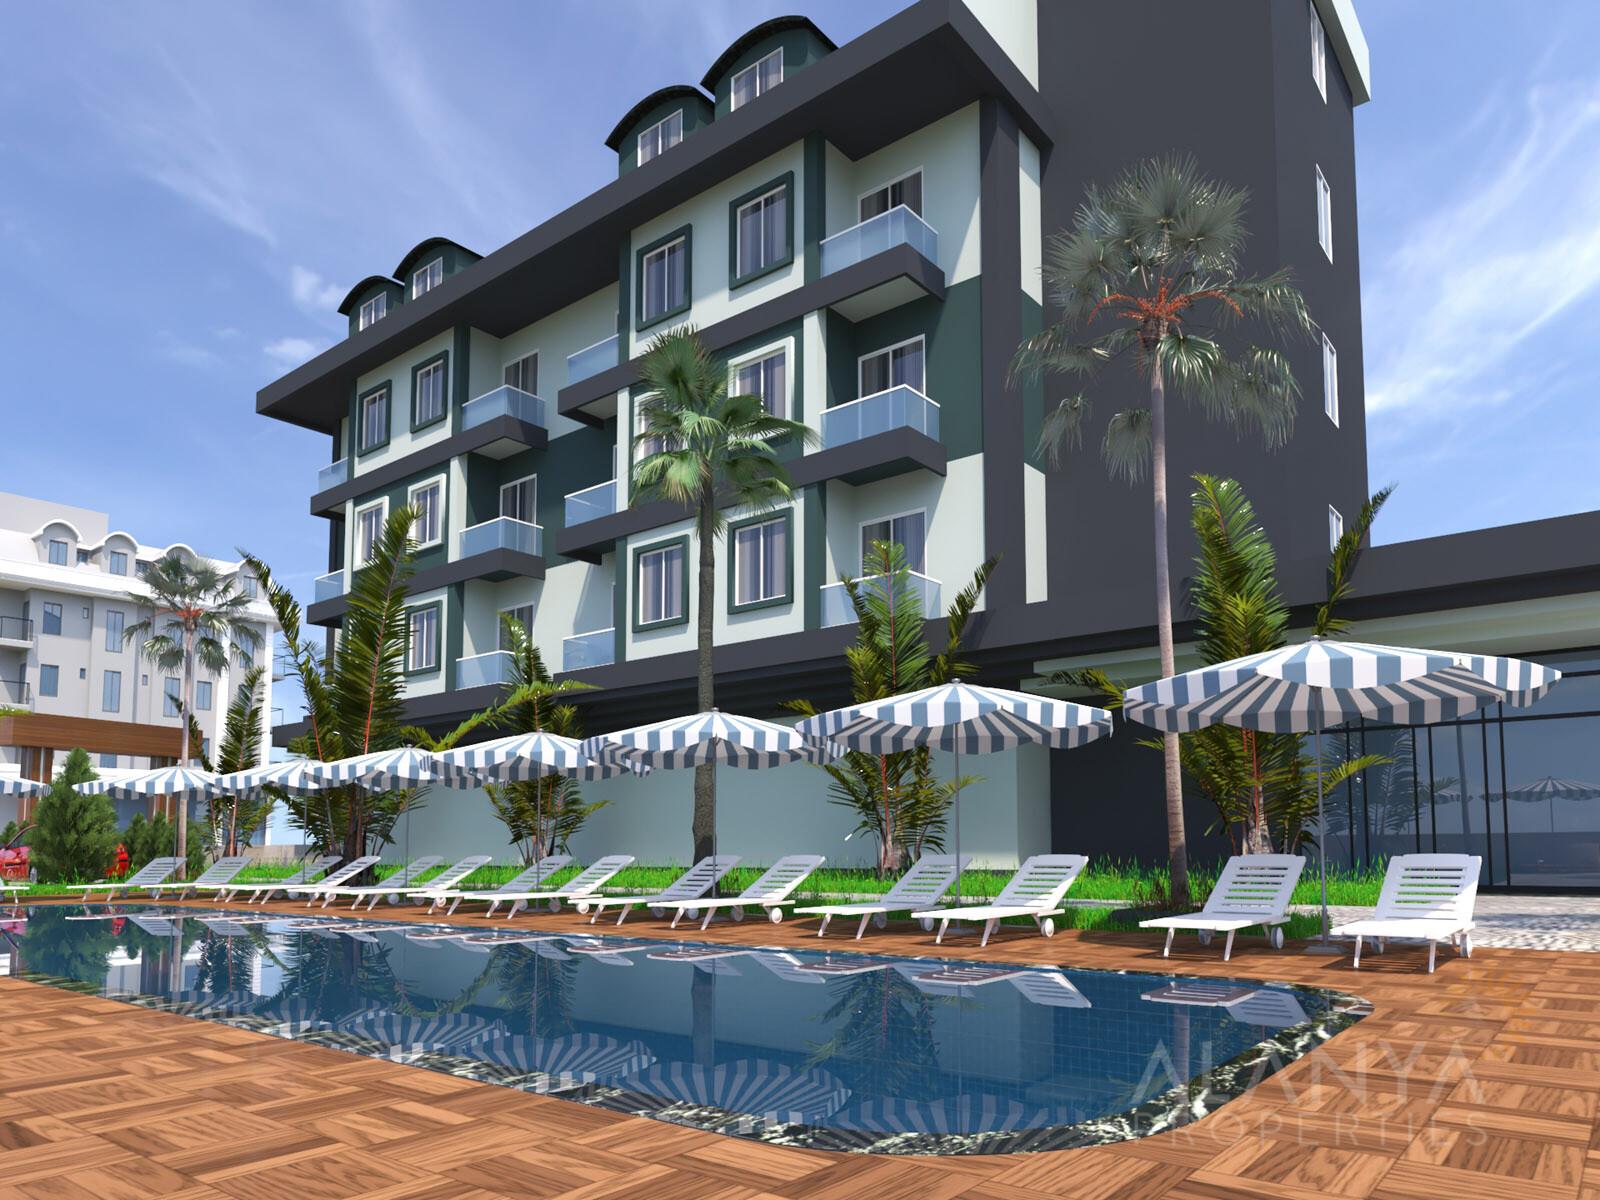 Nouveau projet dans un quartier agréable tout près de la mer à Tosmur, Alanya